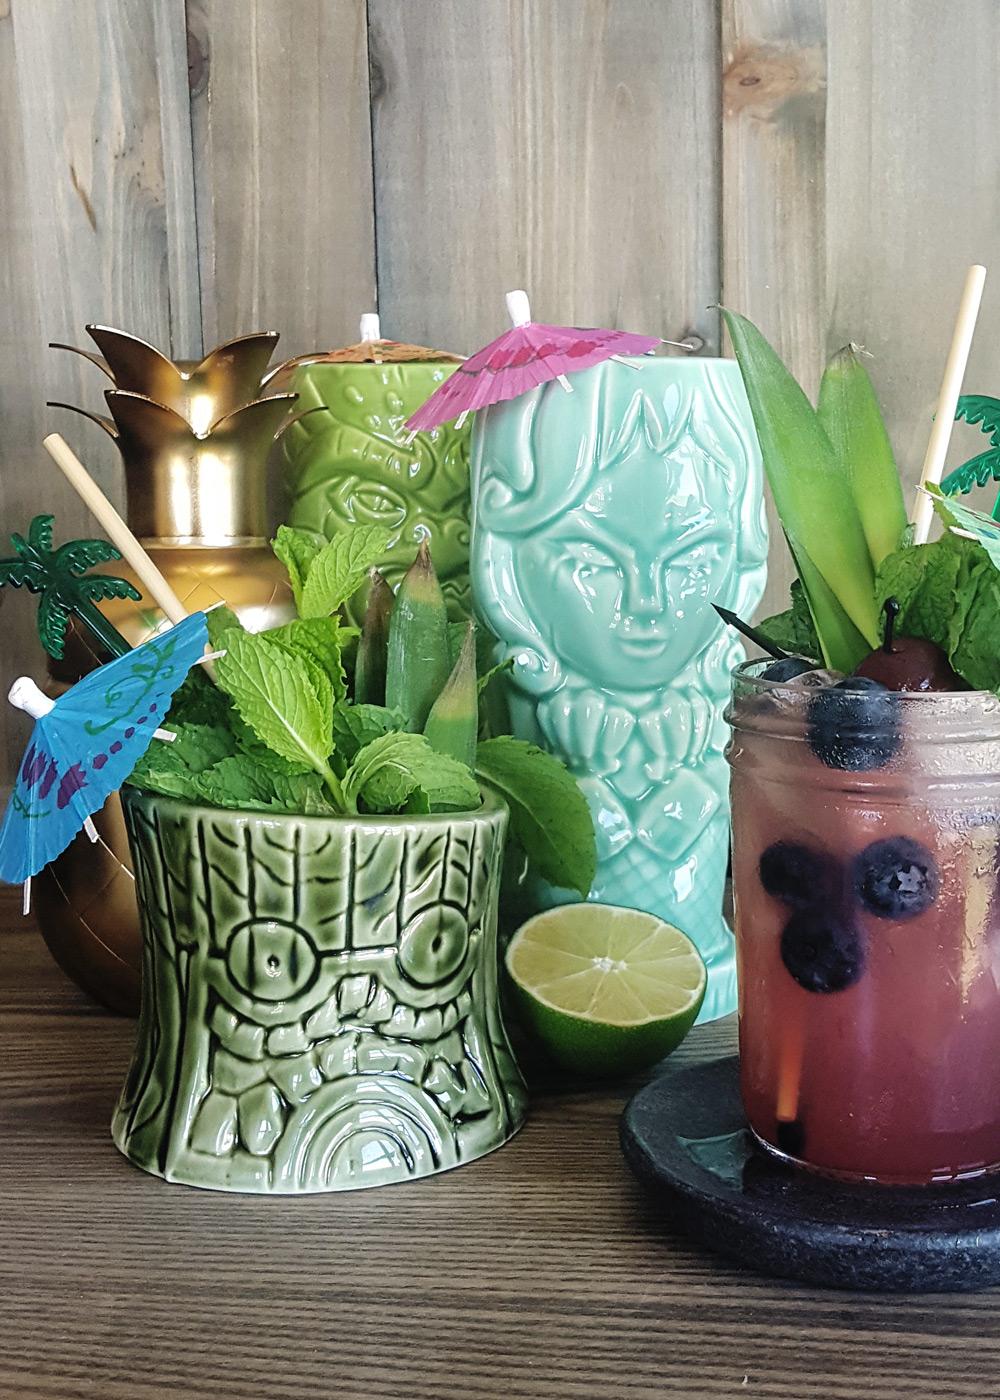 A selection of ceramic tiki mugs with a mason jar glass of purple tiki cocktail.